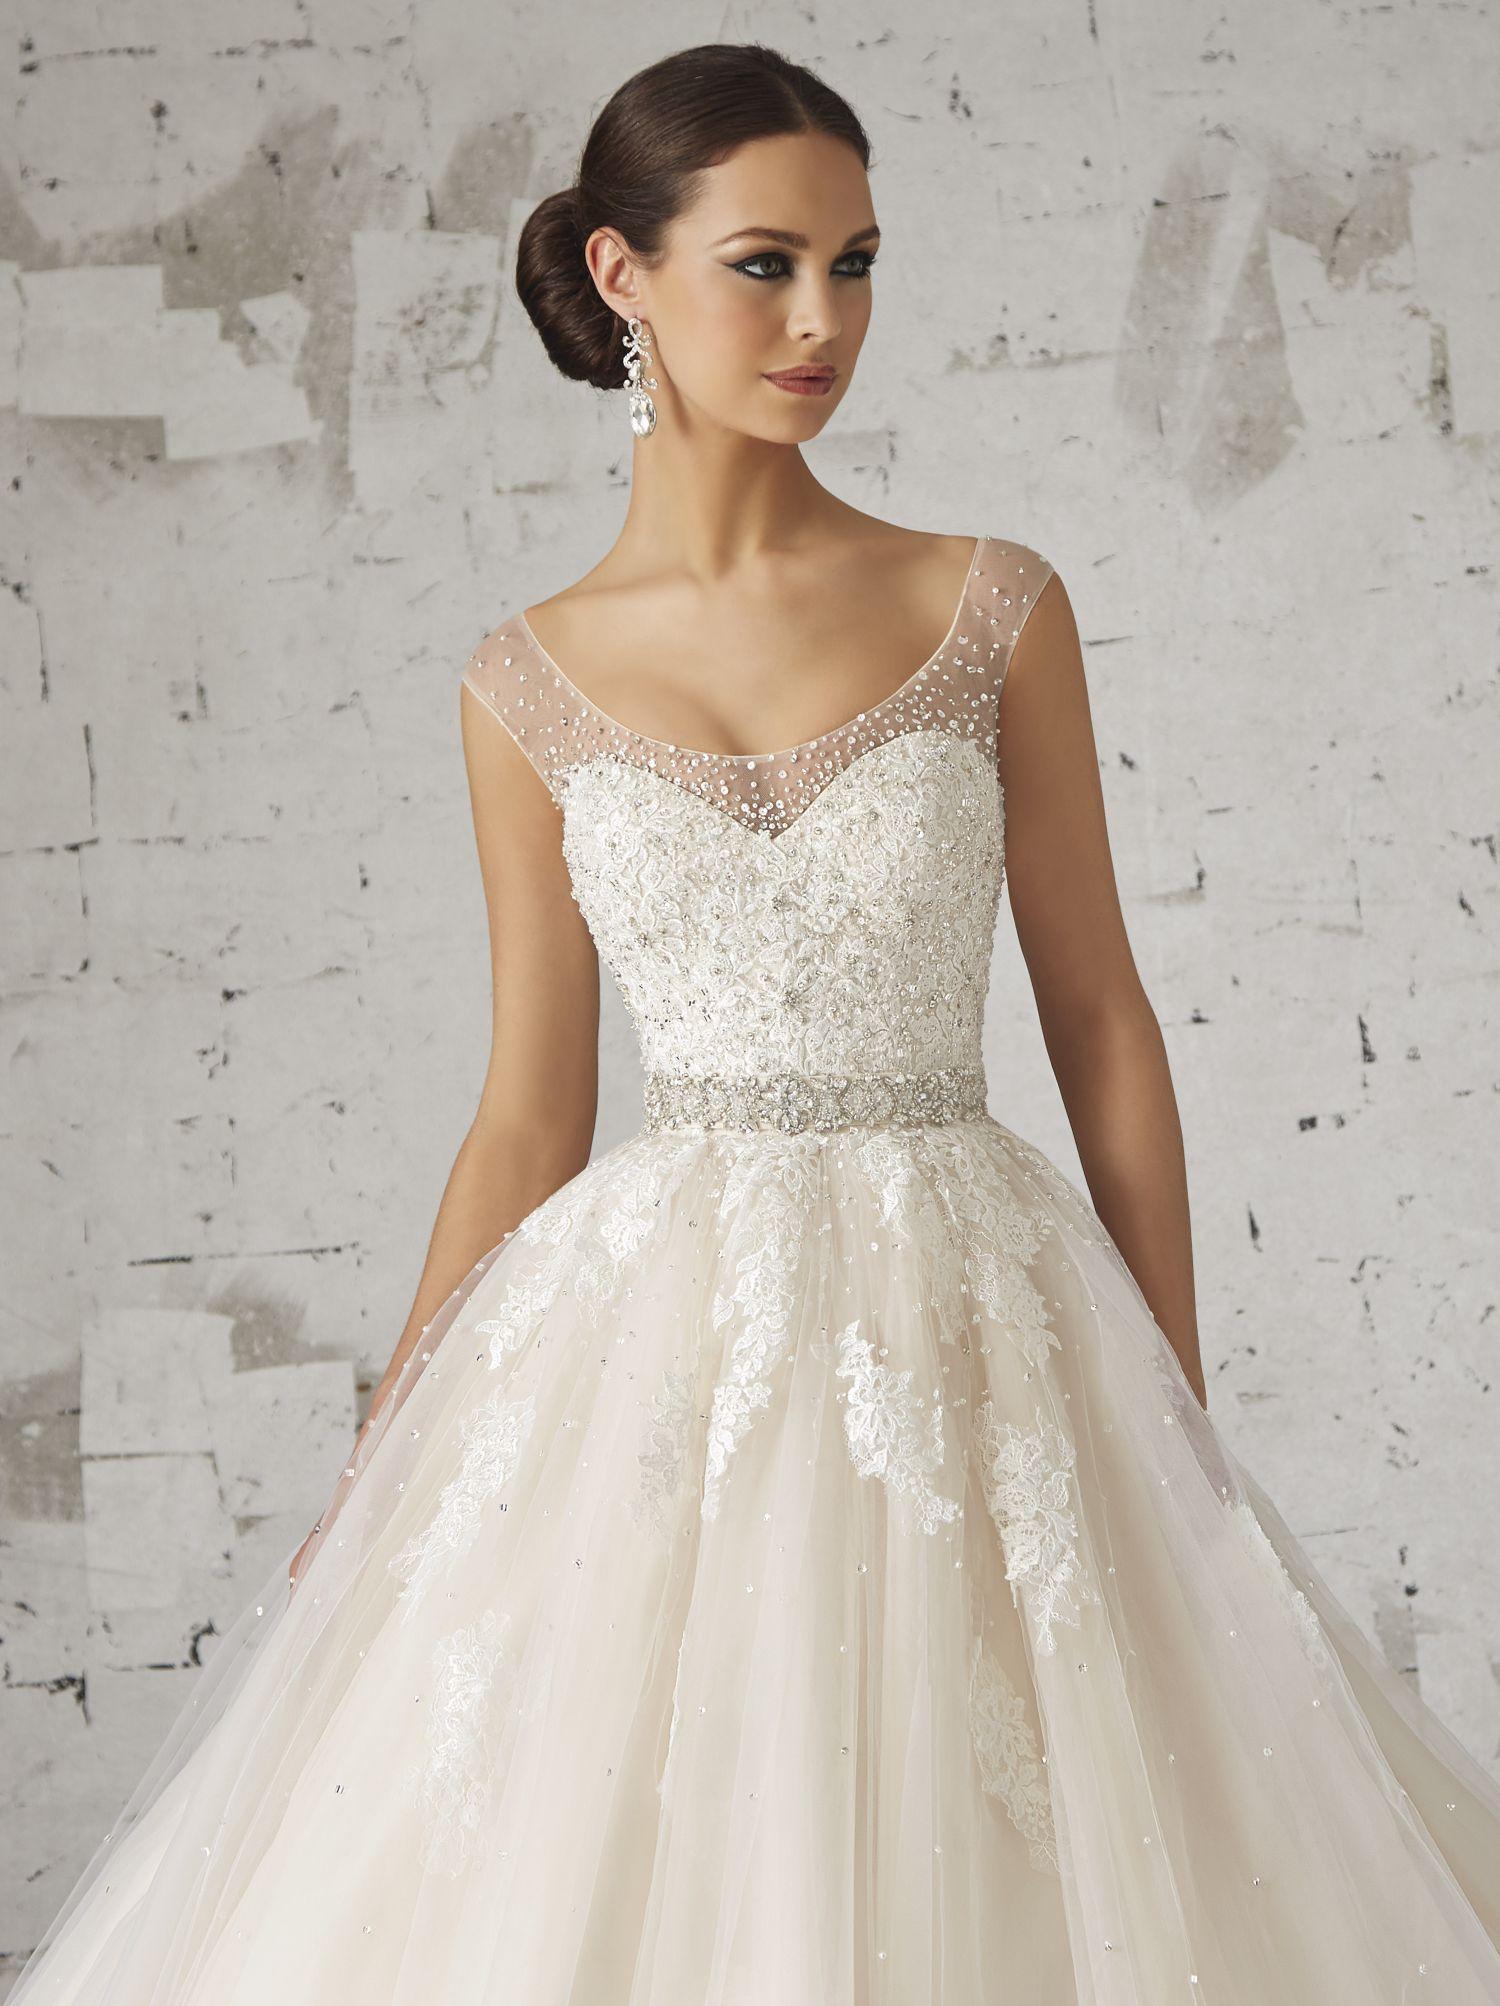 MGNY Bridal Gowns Perth - Oxford Bridal